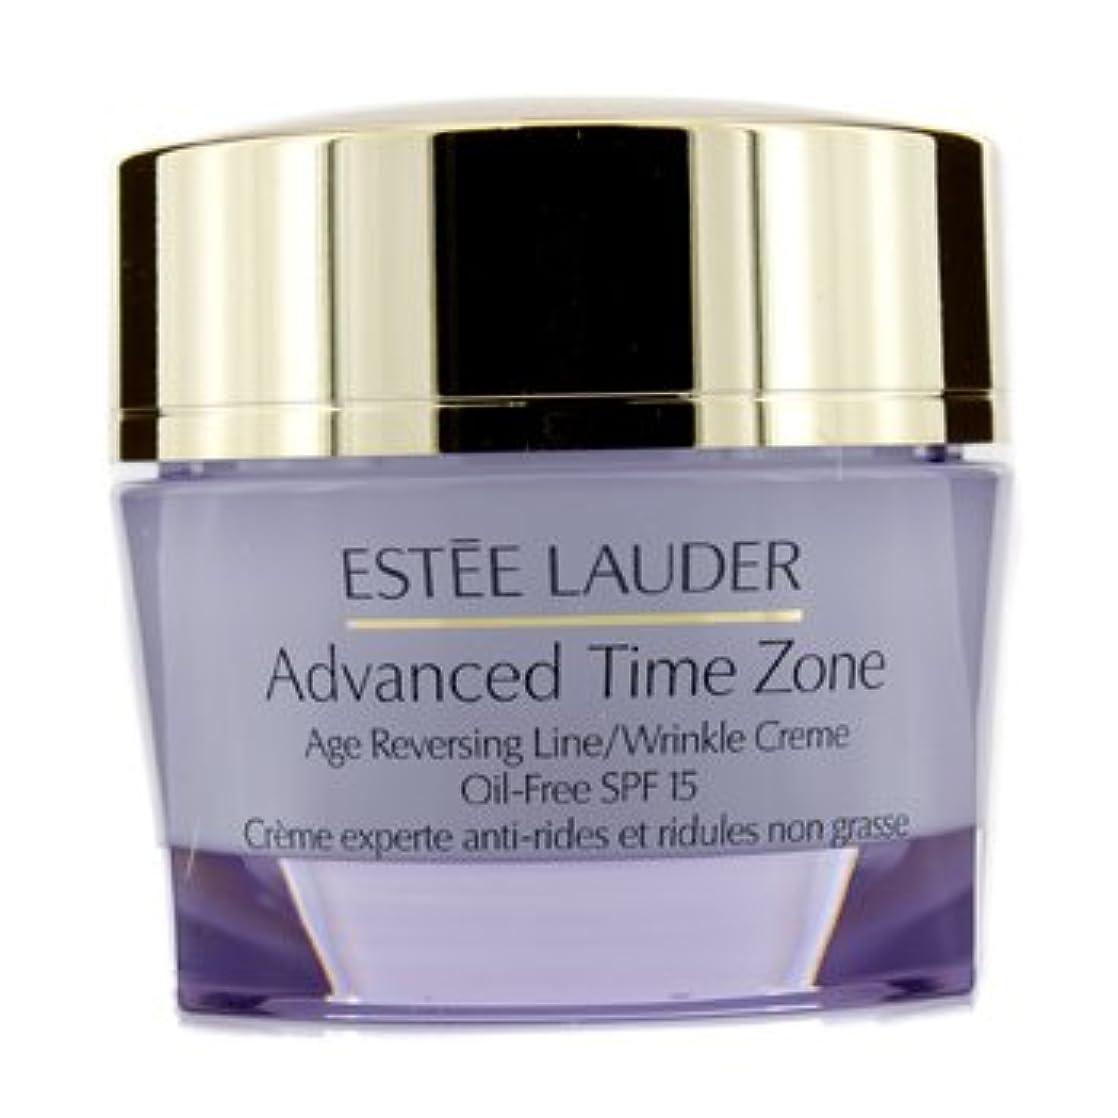 セグメントメナジェリーする必要がある[Estee Lauder] Advanced Time Zone Age Reversing Line/ Wrinkle Creme Oil-Free SPF 15 (Normal/ Combination Skin) 50ml/1.7oz